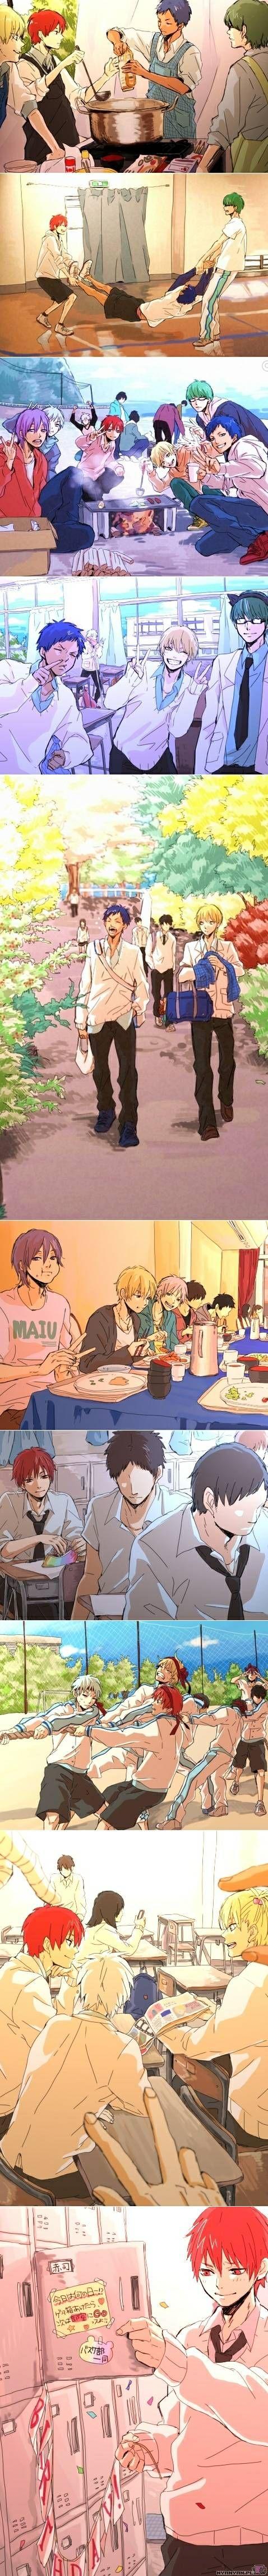 Kiseki times ♥ - Żródło: Kuroko no Basket - Jedyny polskojęzyczny serwis obrazkowy przeznaczony dla fanów mangi, anime i kultury azjatyckiej. Użytkownicy mogą zamieszczać grafiki związane z tematyką strony, głosować na nie, komentować.